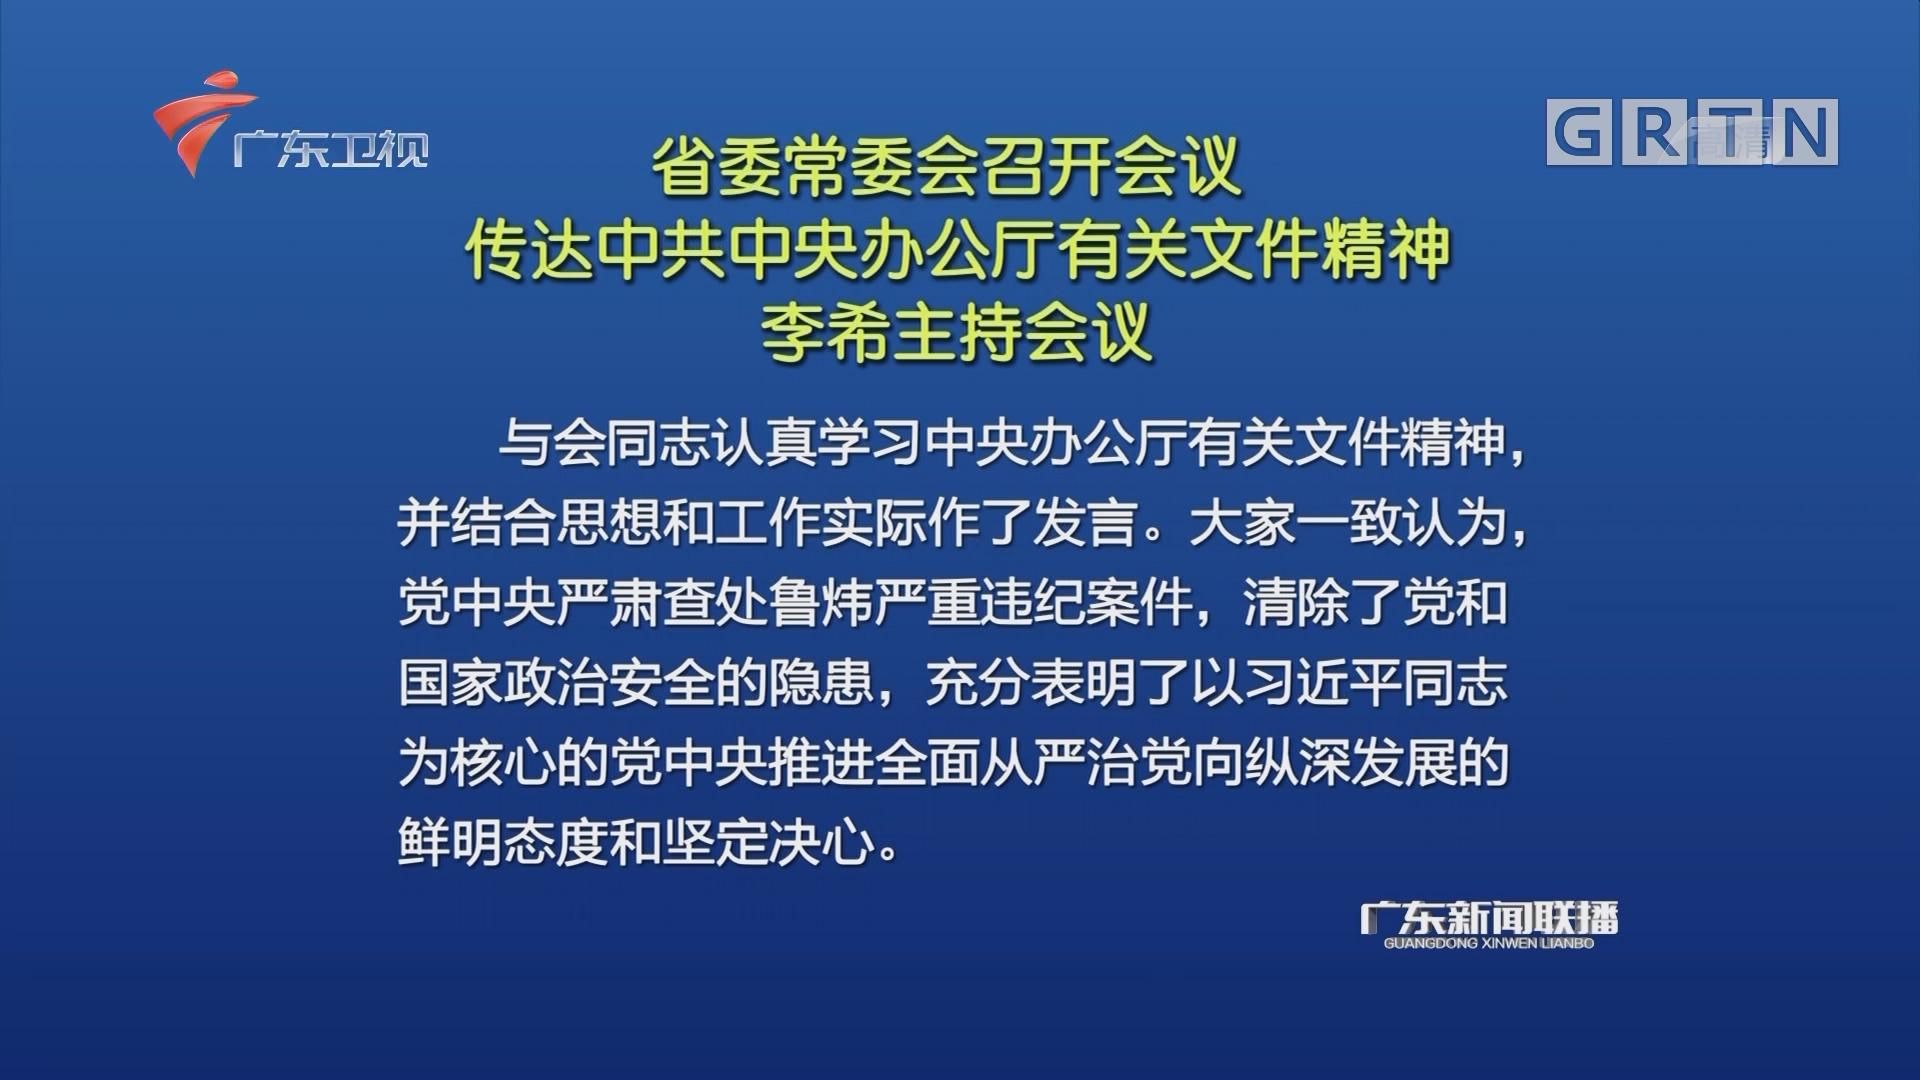 省委常委会召开会议 传达中共中央办公厅有关文件精神 李希主持会议